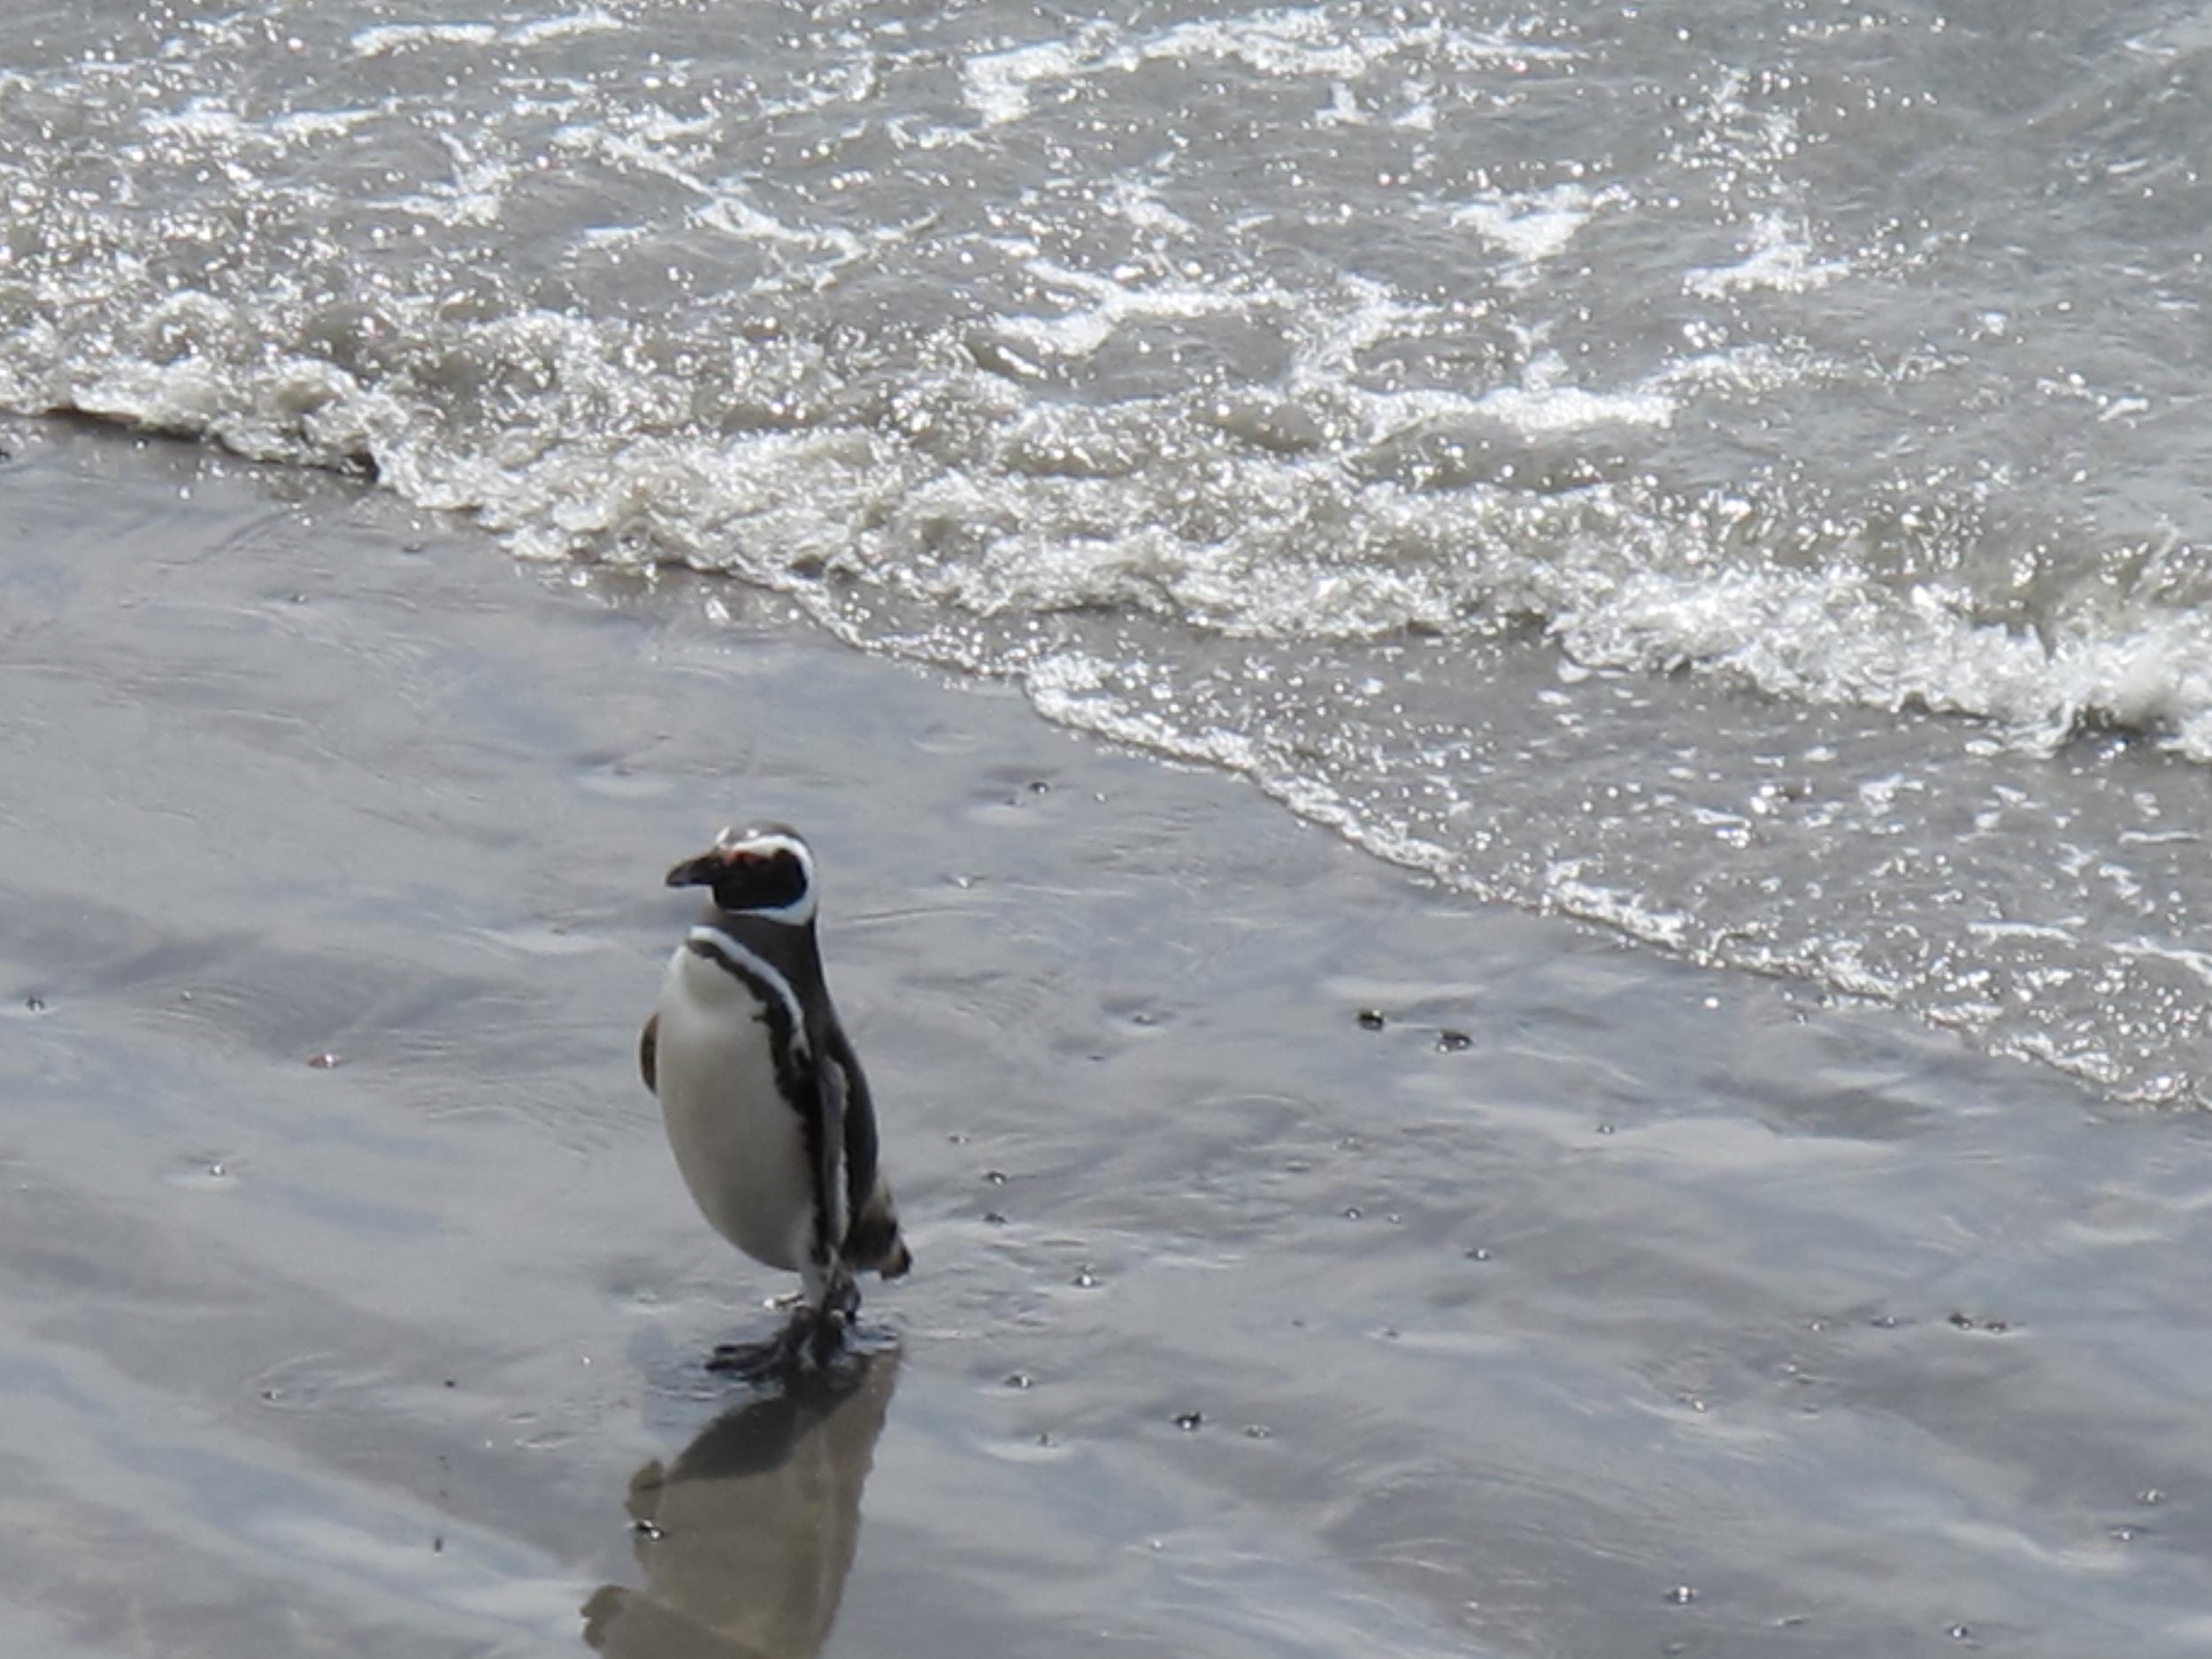 Little Magellans Pingüino at Punta Tombo